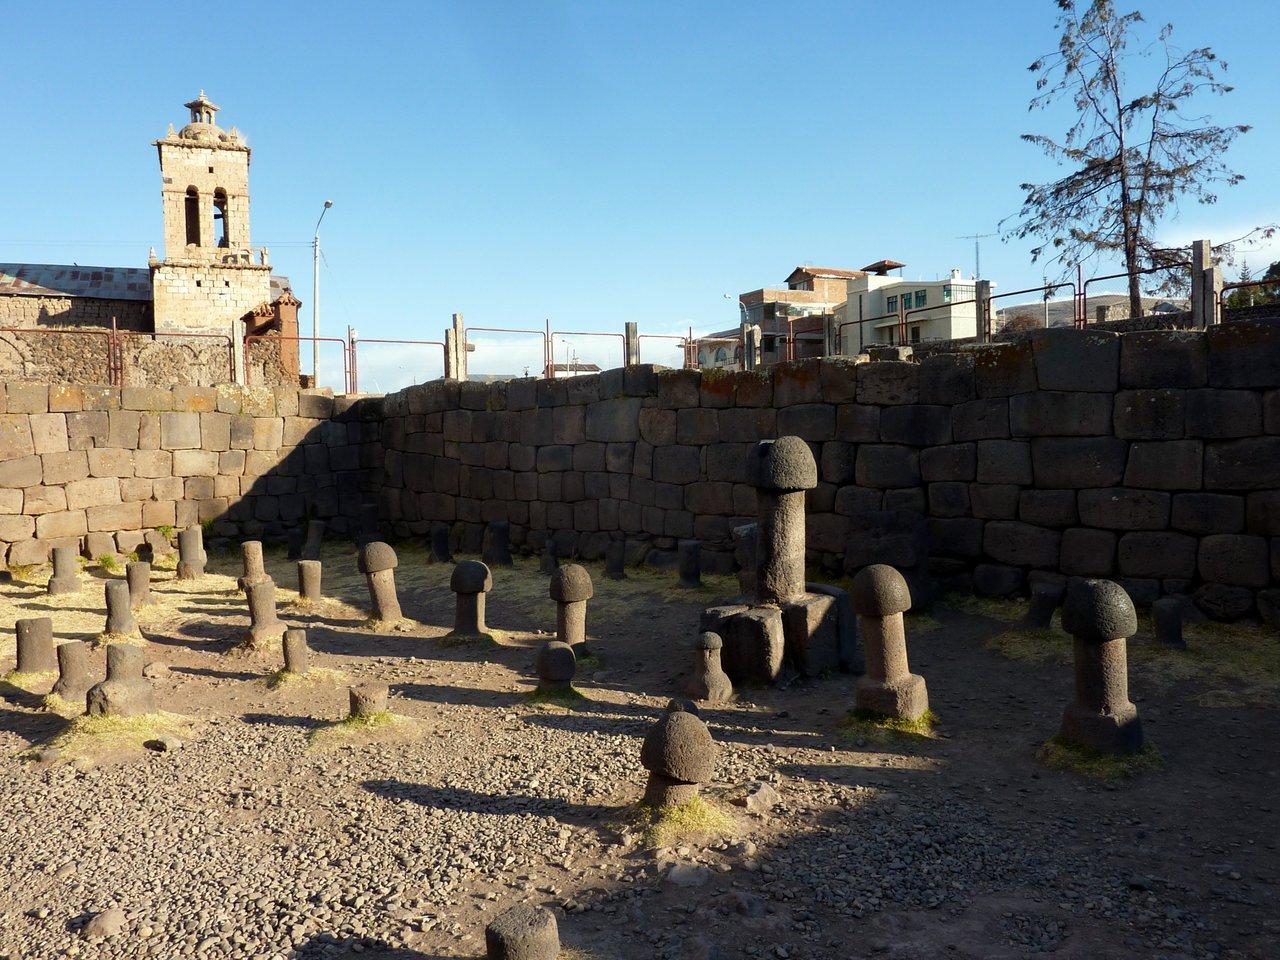 lago titicaca fai da te: il tempio di Chucuito